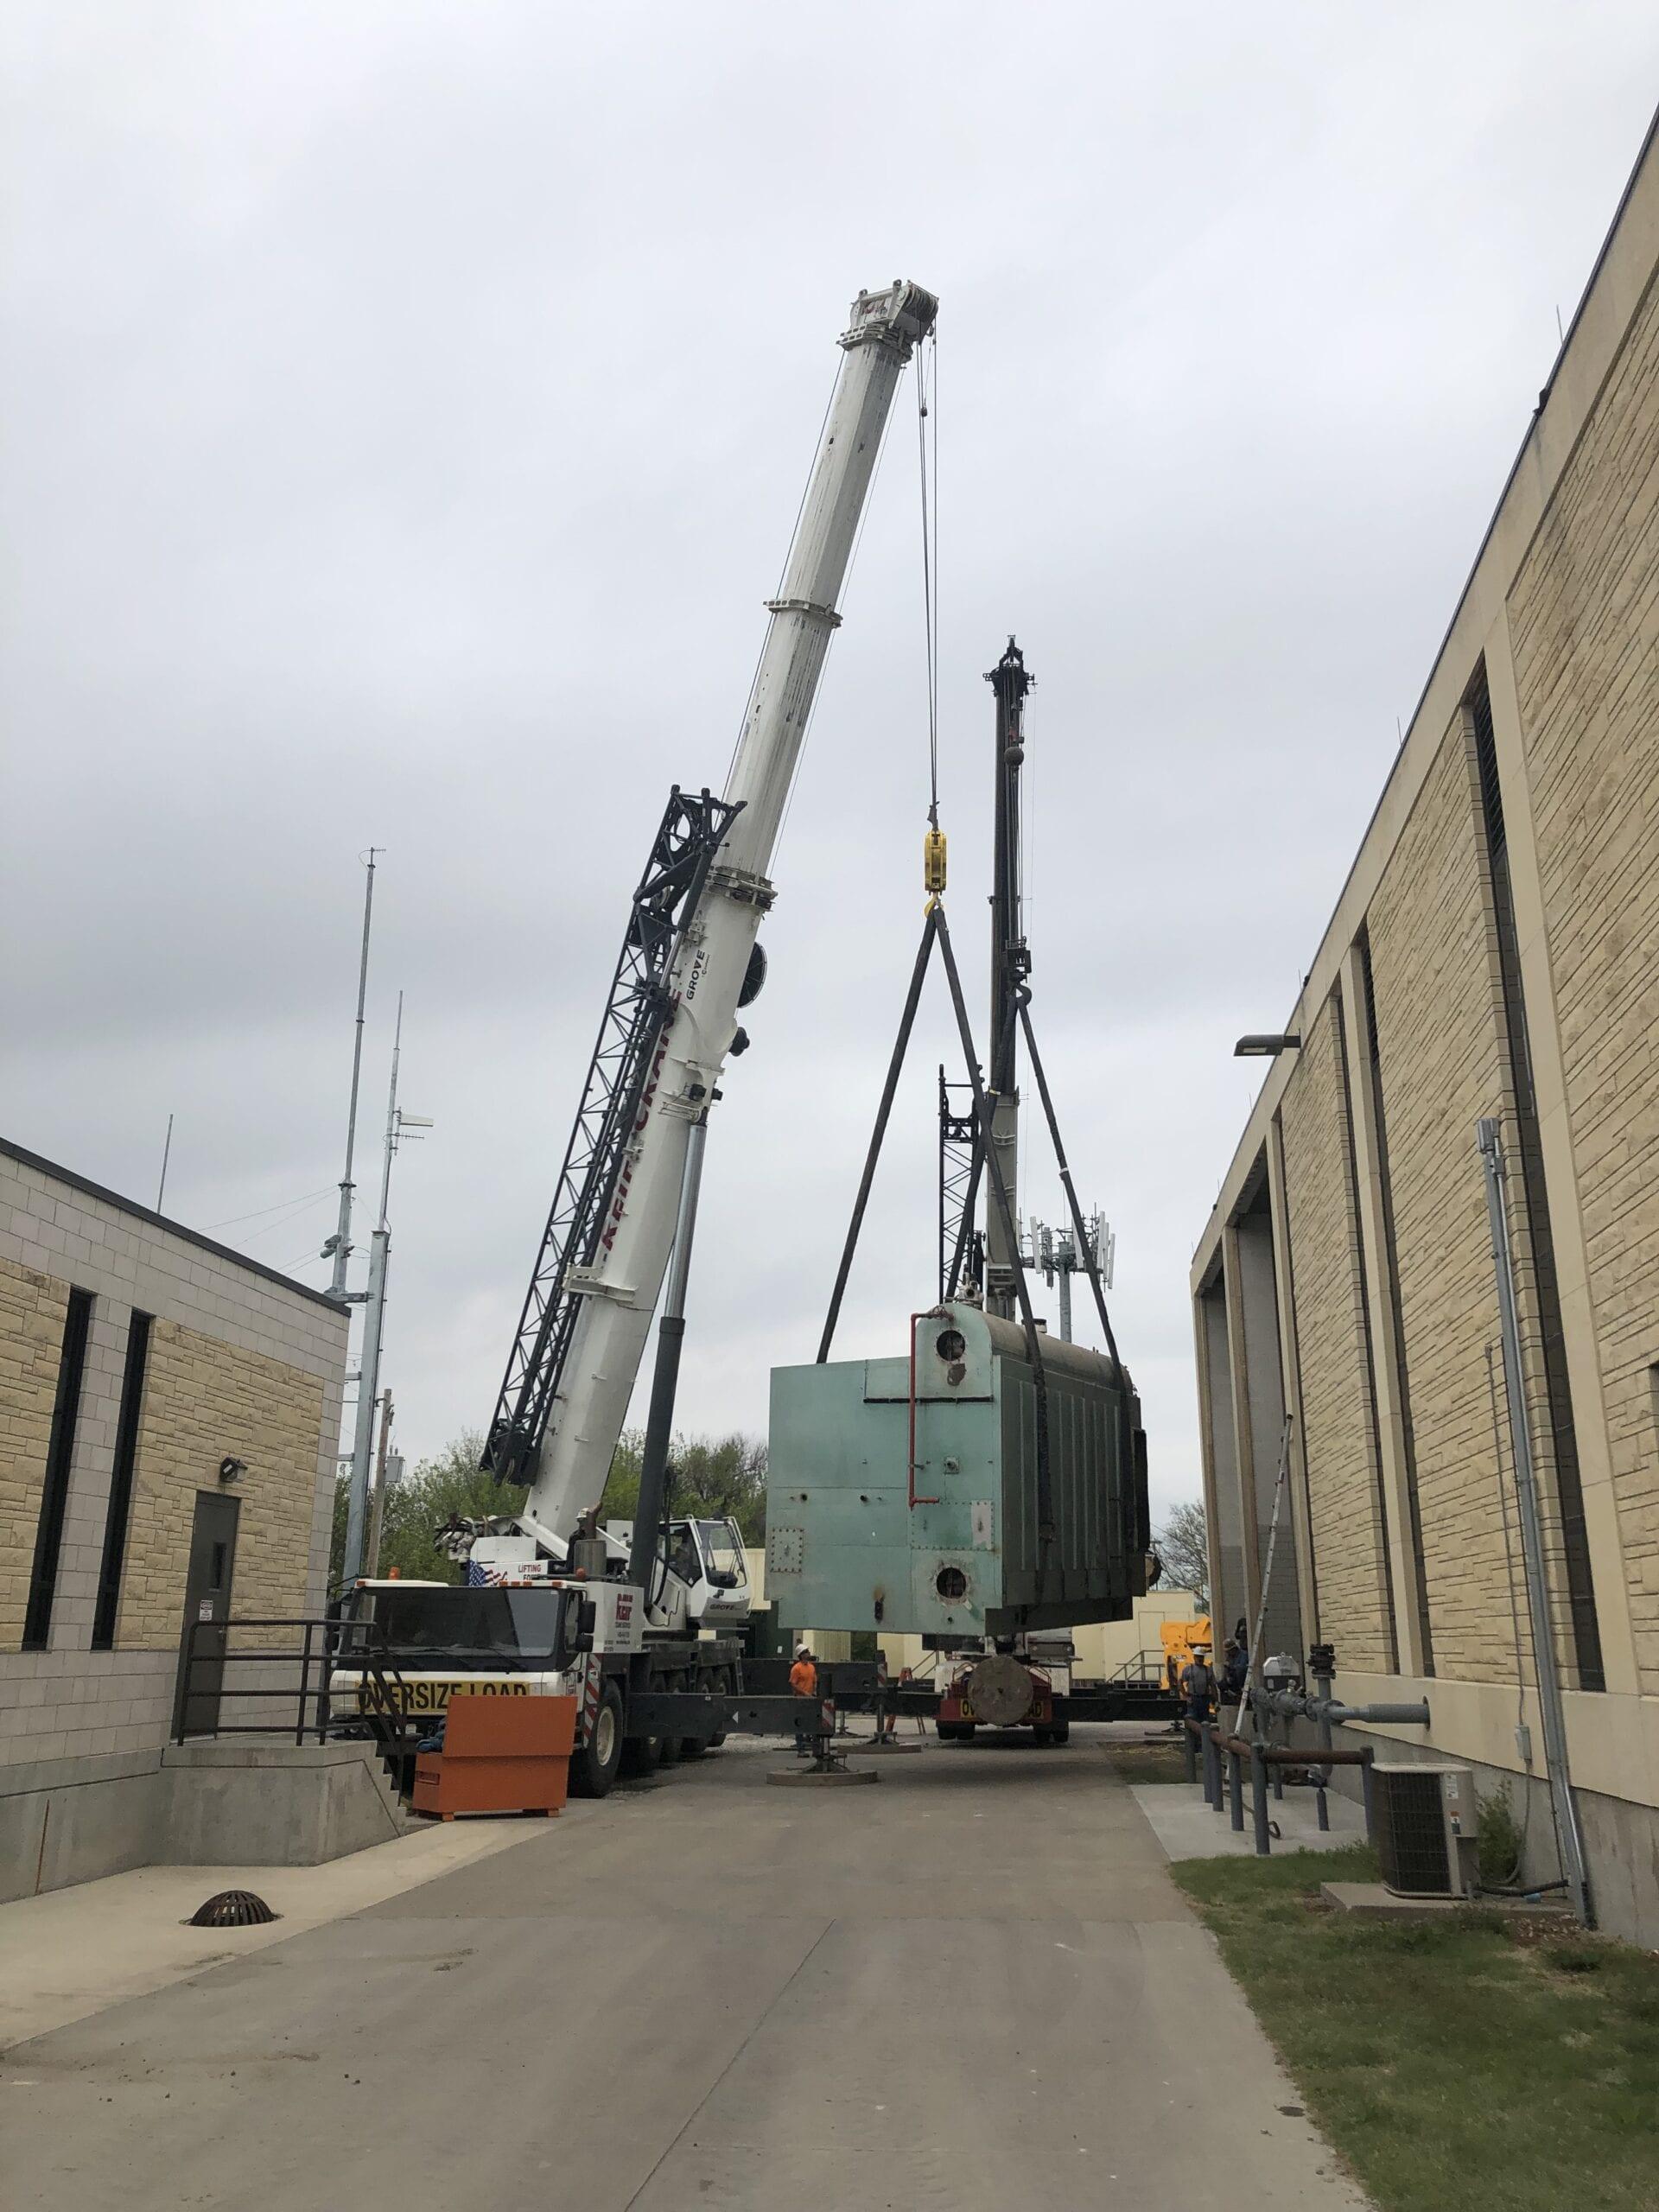 crane lifting object